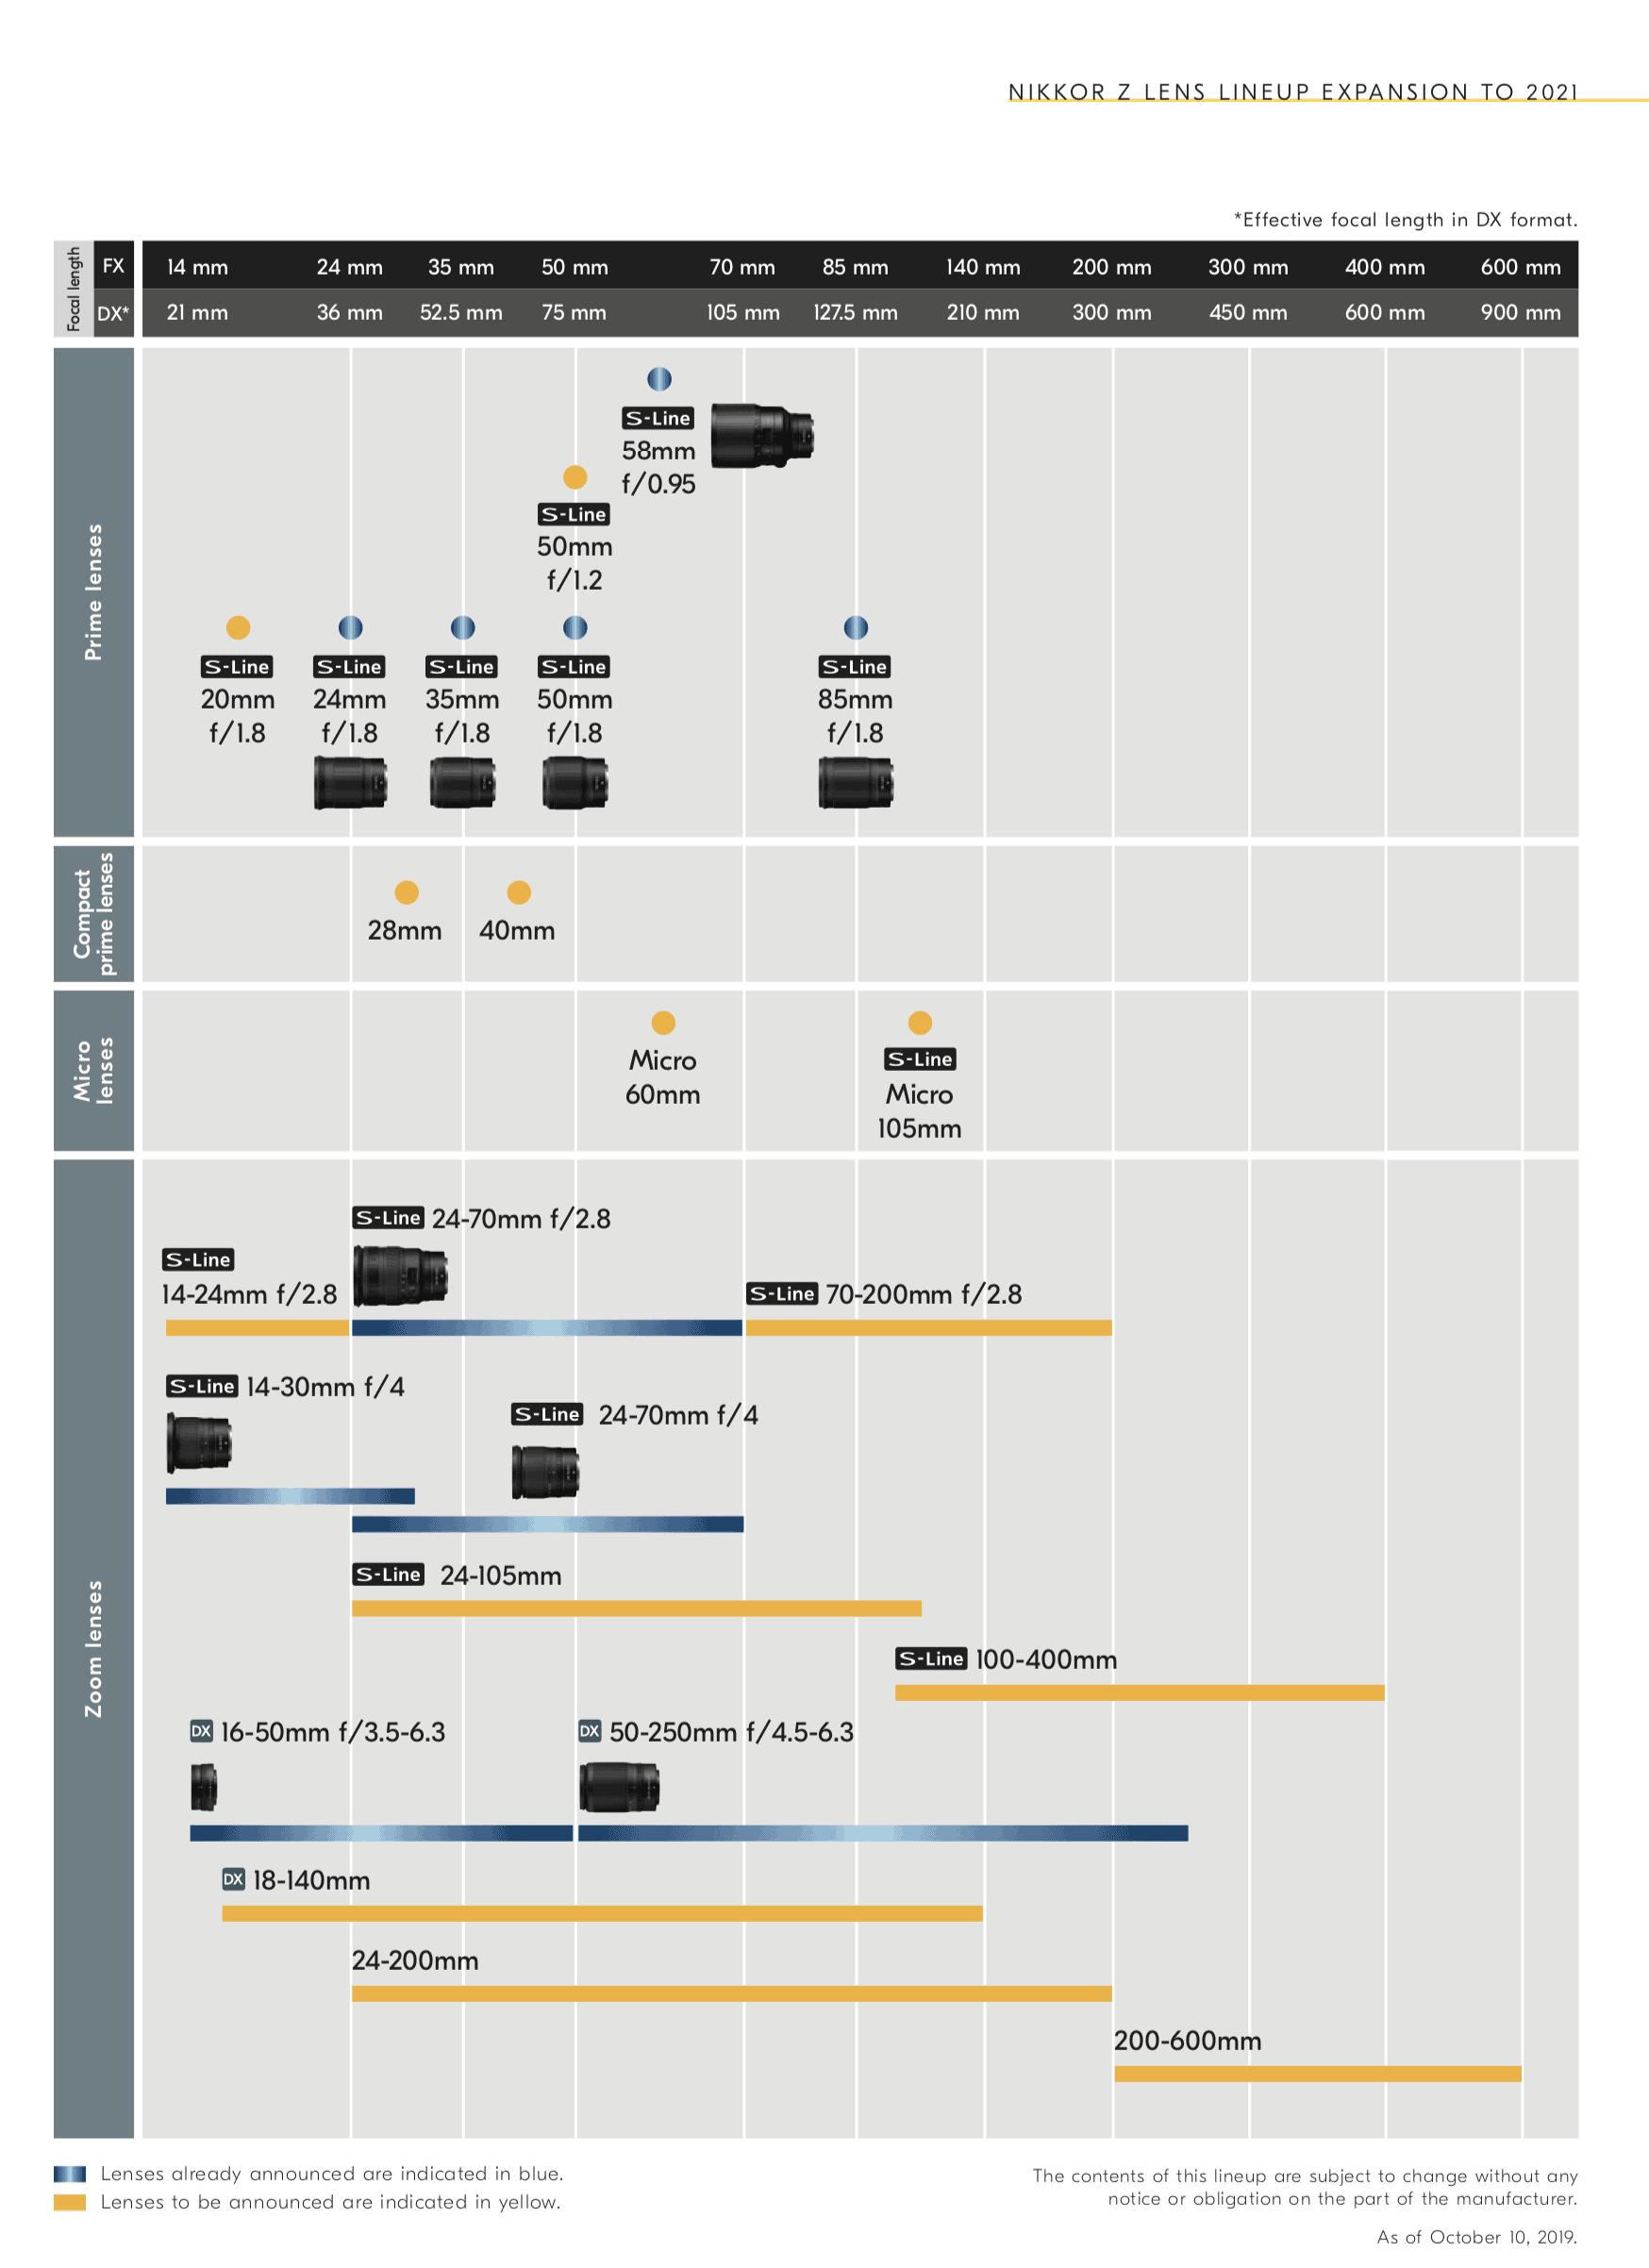 Hoja de ruta de objetivos Nikkor Z hasta el 2021.